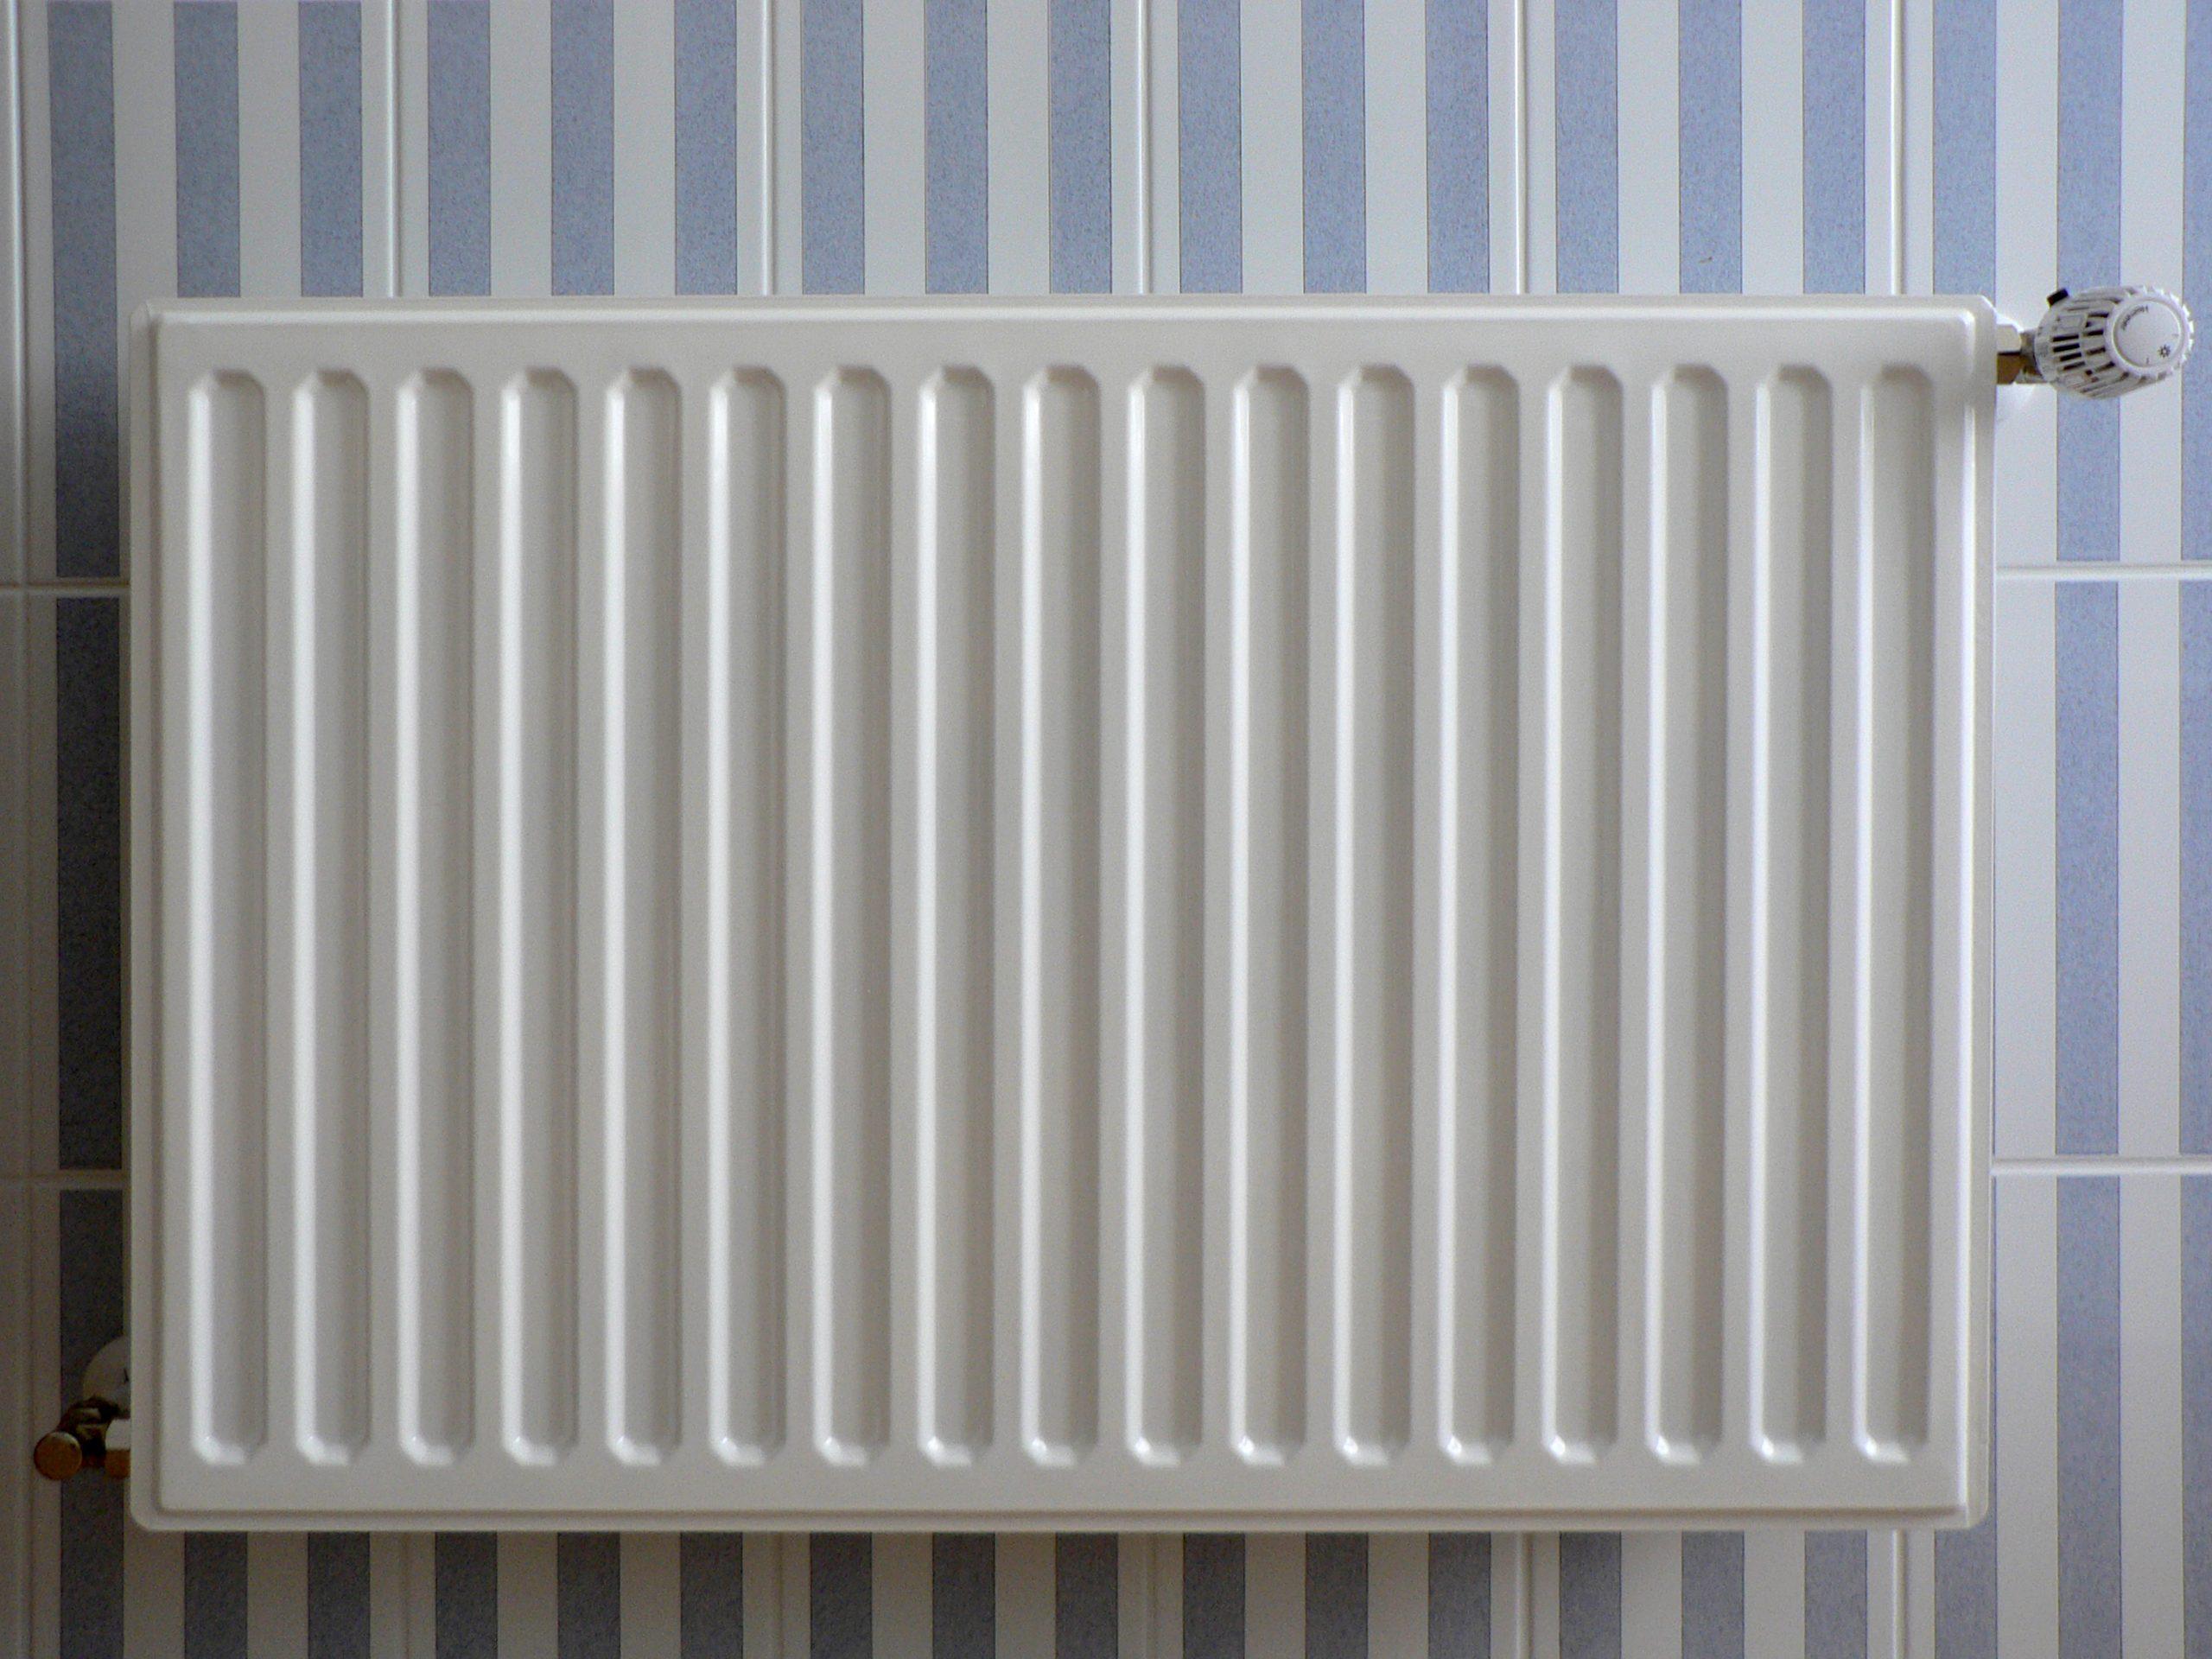 Valvole termostatiche il 30 giugno scatta definitivamente for Installazione valvole termostatiche